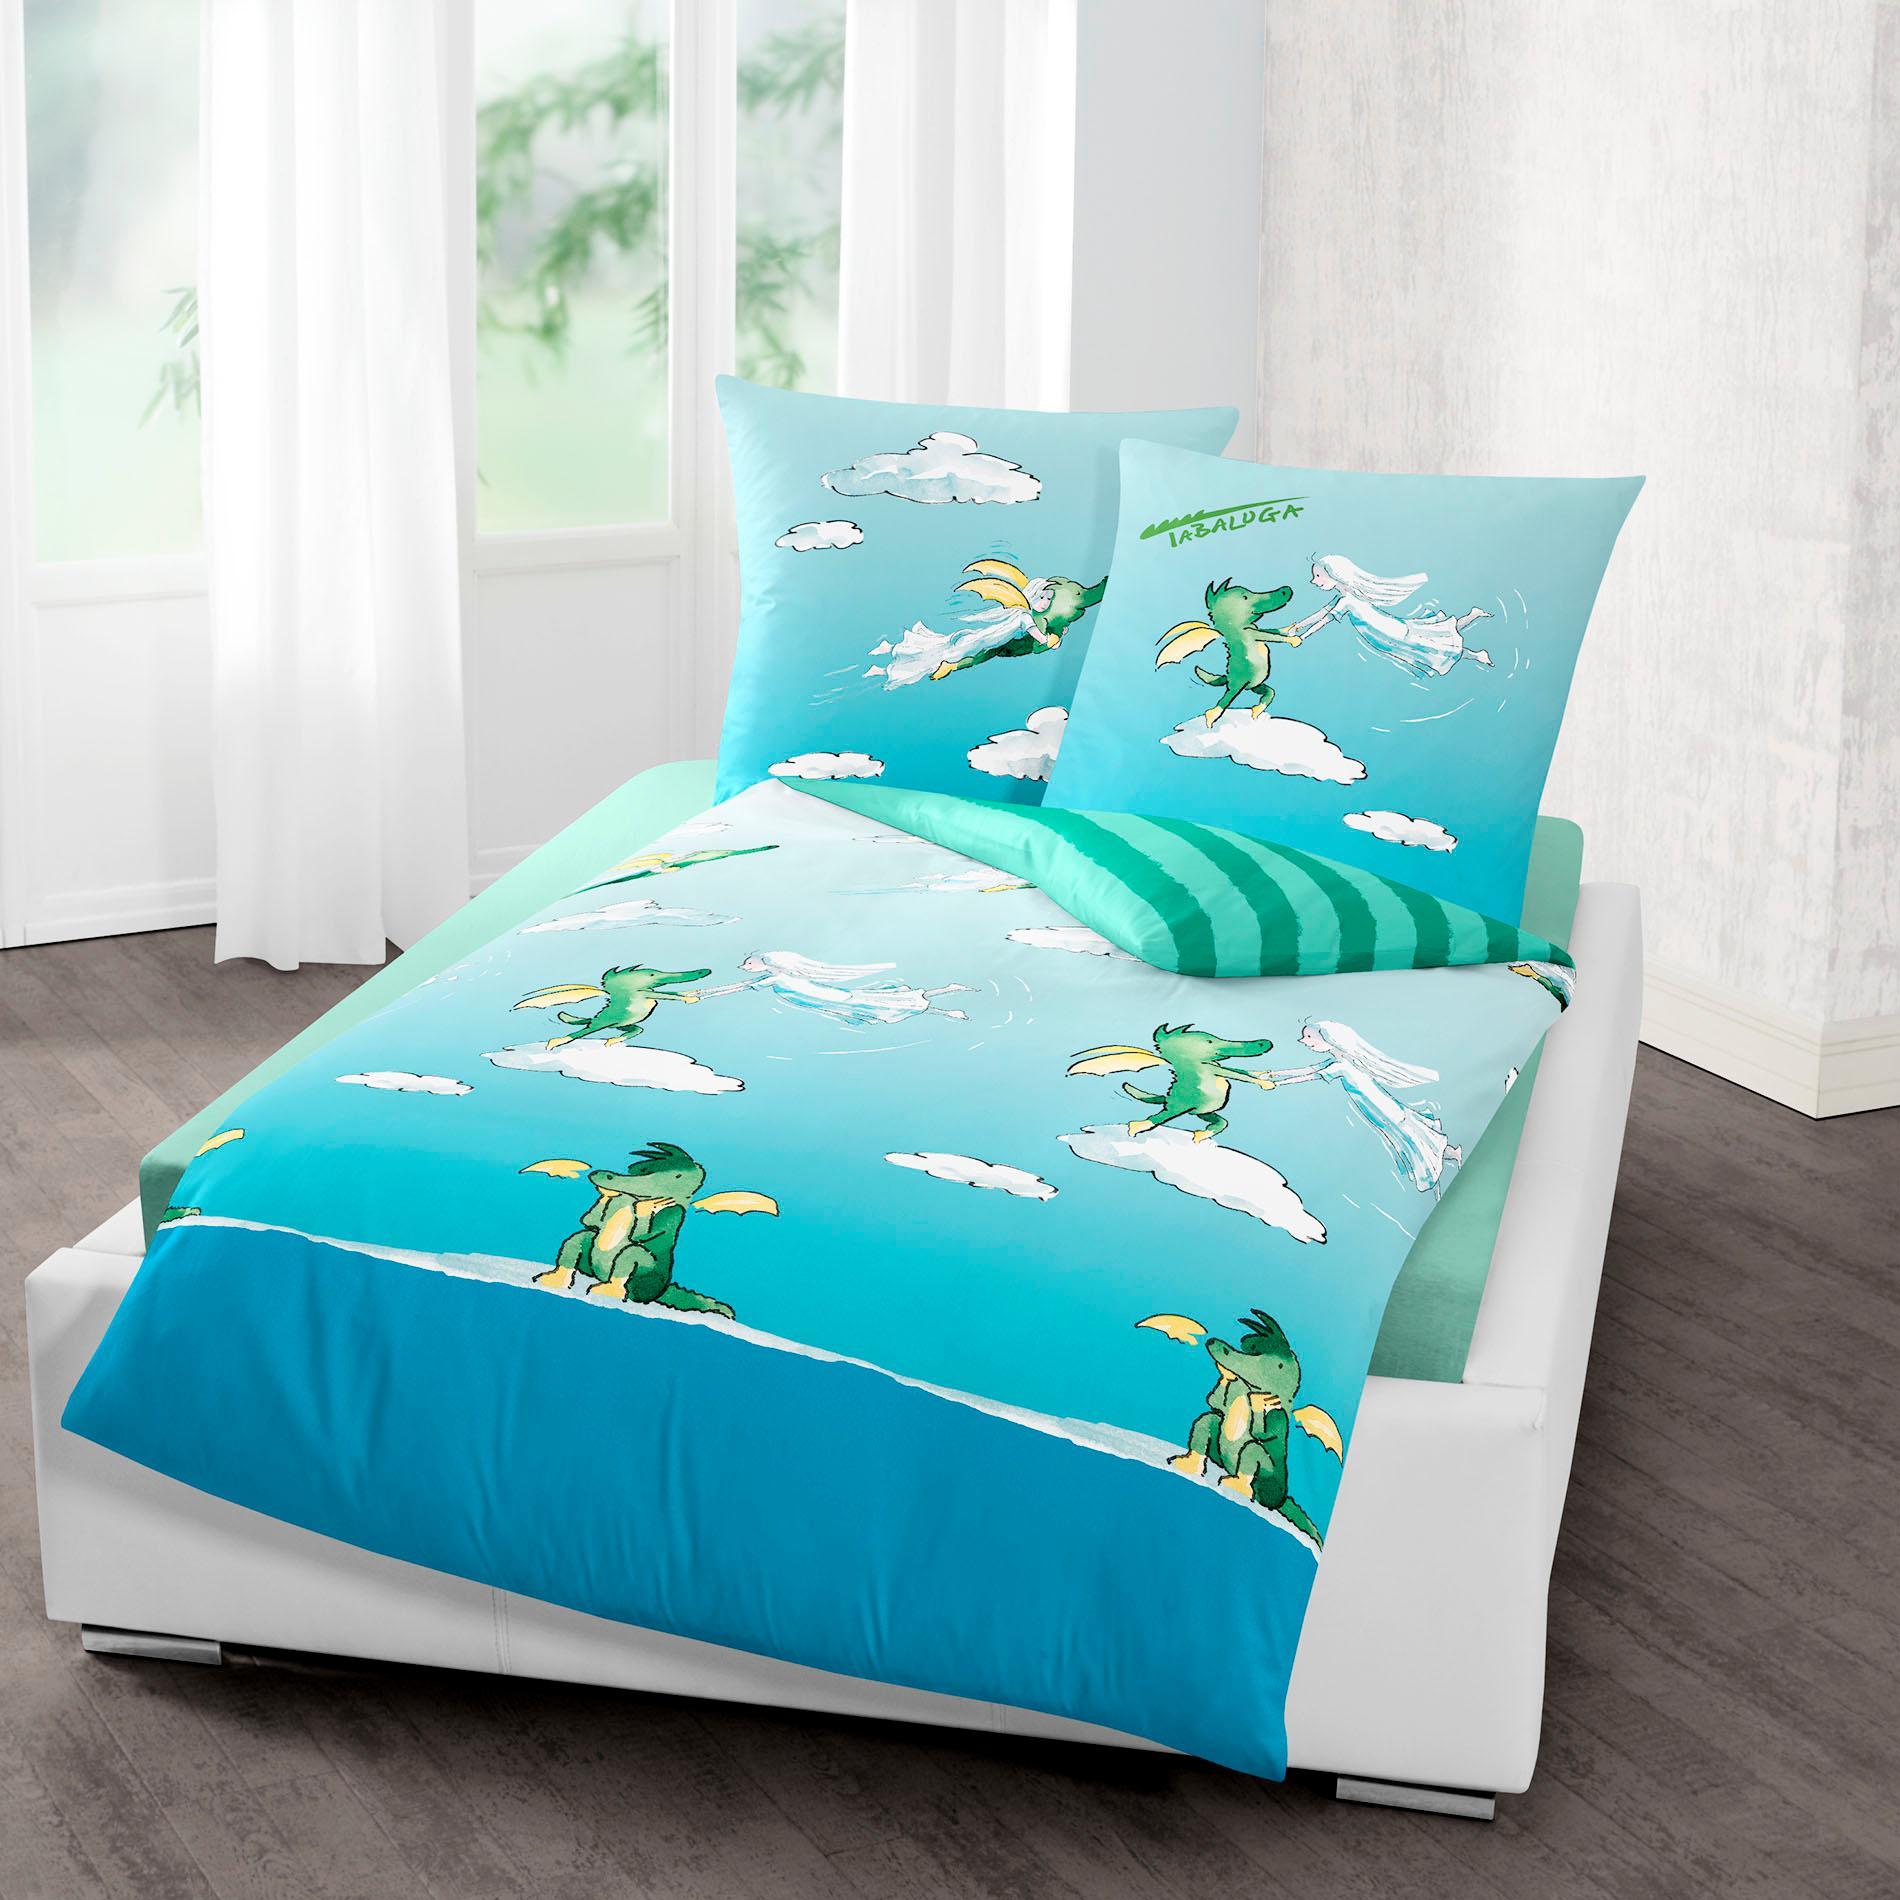 Kinderbettwäsche Wolke TABALUGA Wohnen/Wohntextilien/Bettwäsche, Bettlaken und Betttücher/Bettwäsche nach Größe/Bettwäsche 135x200 cm